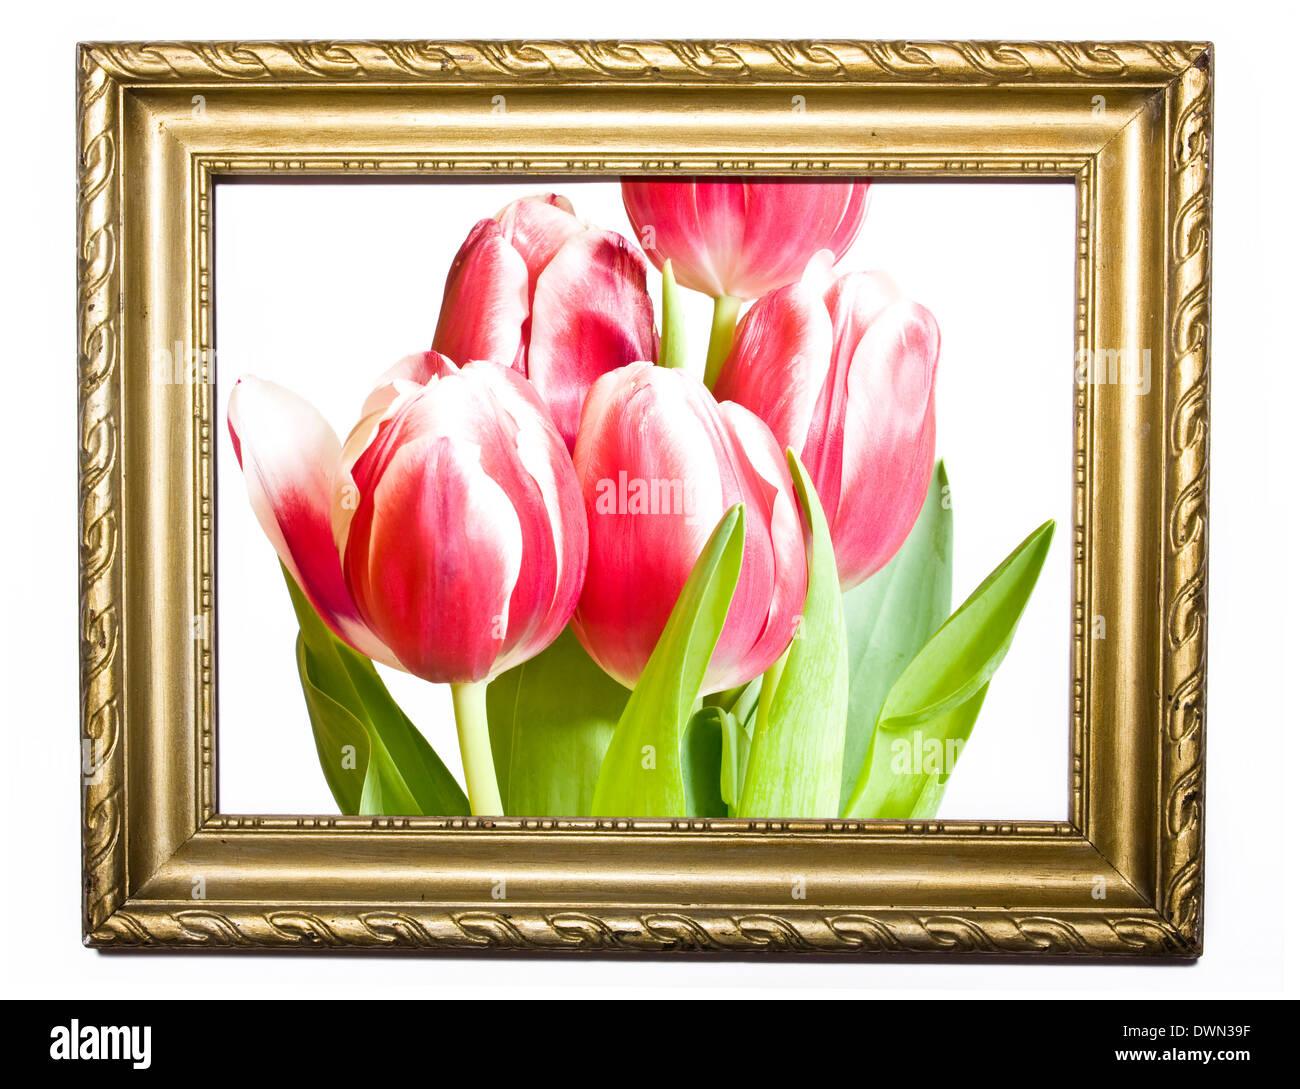 Tulpen in alten Gemälde Rahmen Stockfoto, Bild: 67461115 - Alamy